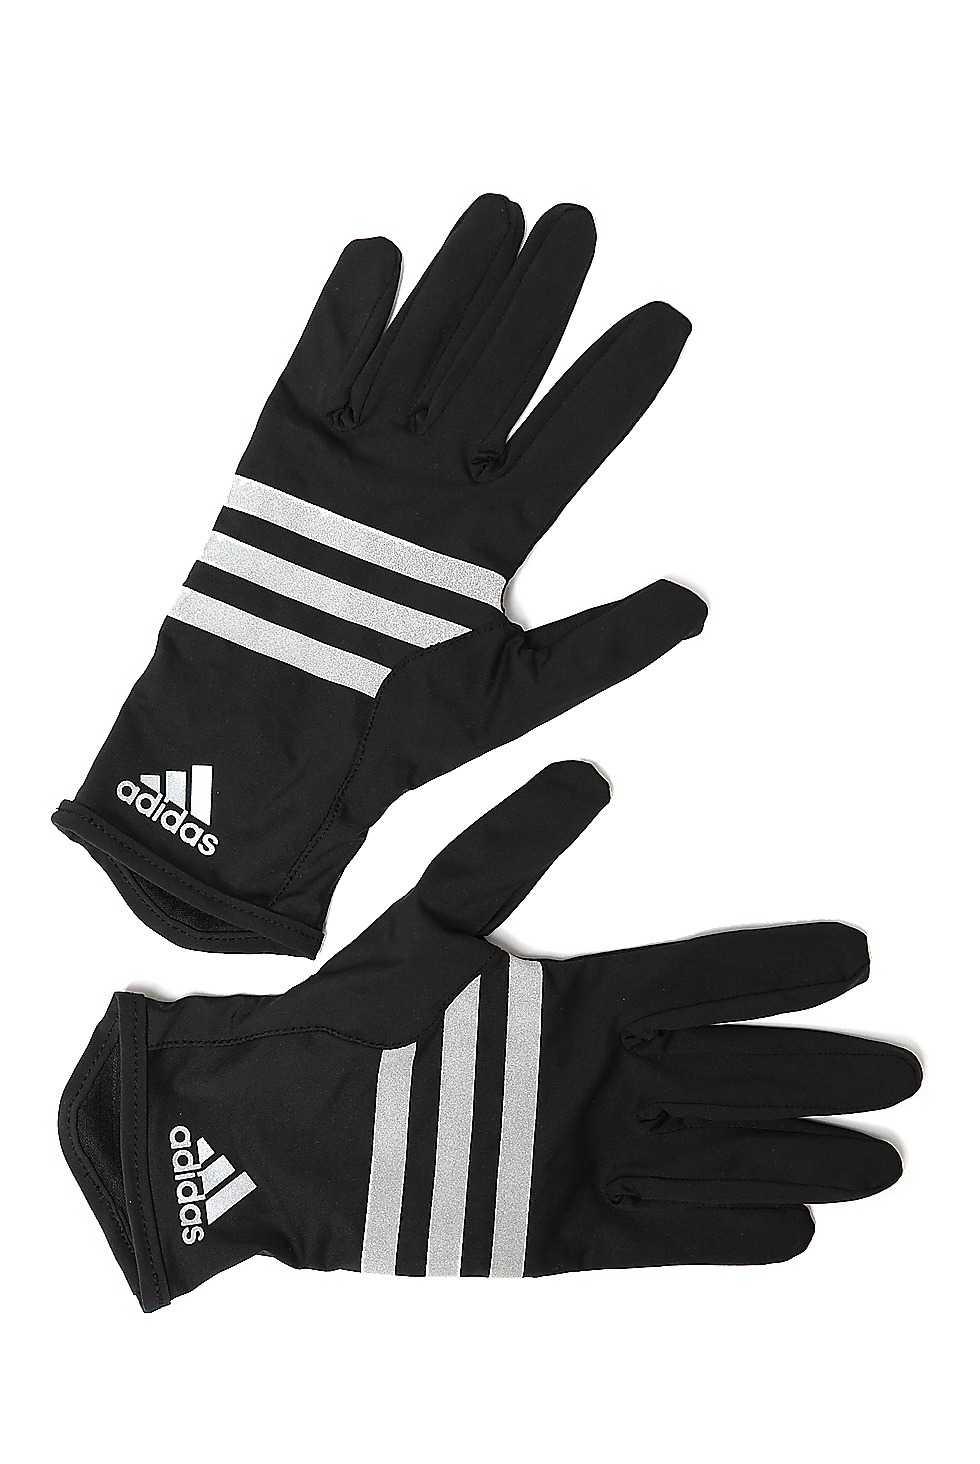 Handskar för joggning, Adidas. 200 kr